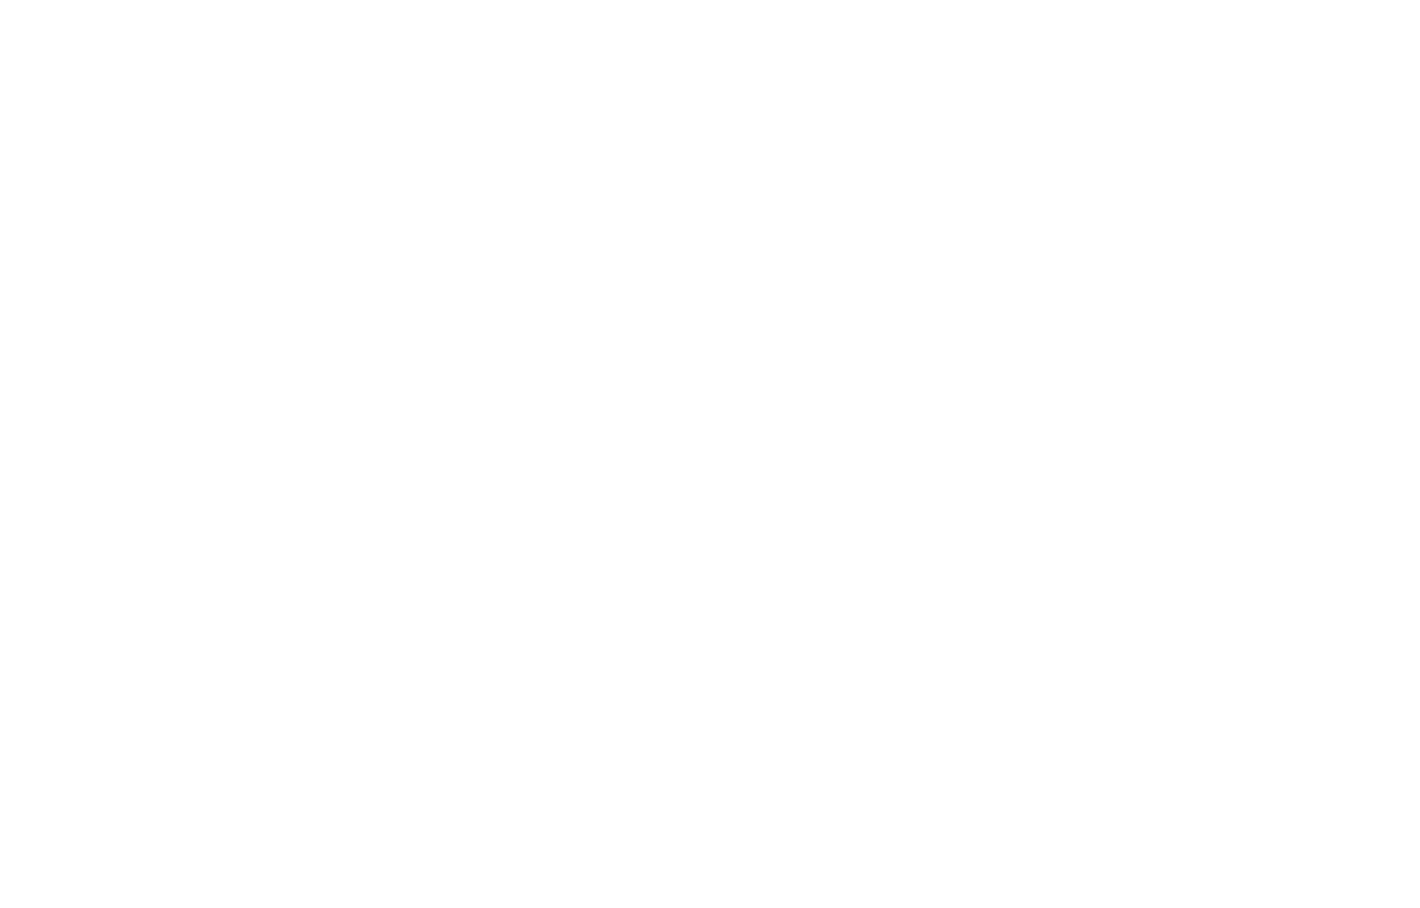 dampfdosen-logo-weiss-outline